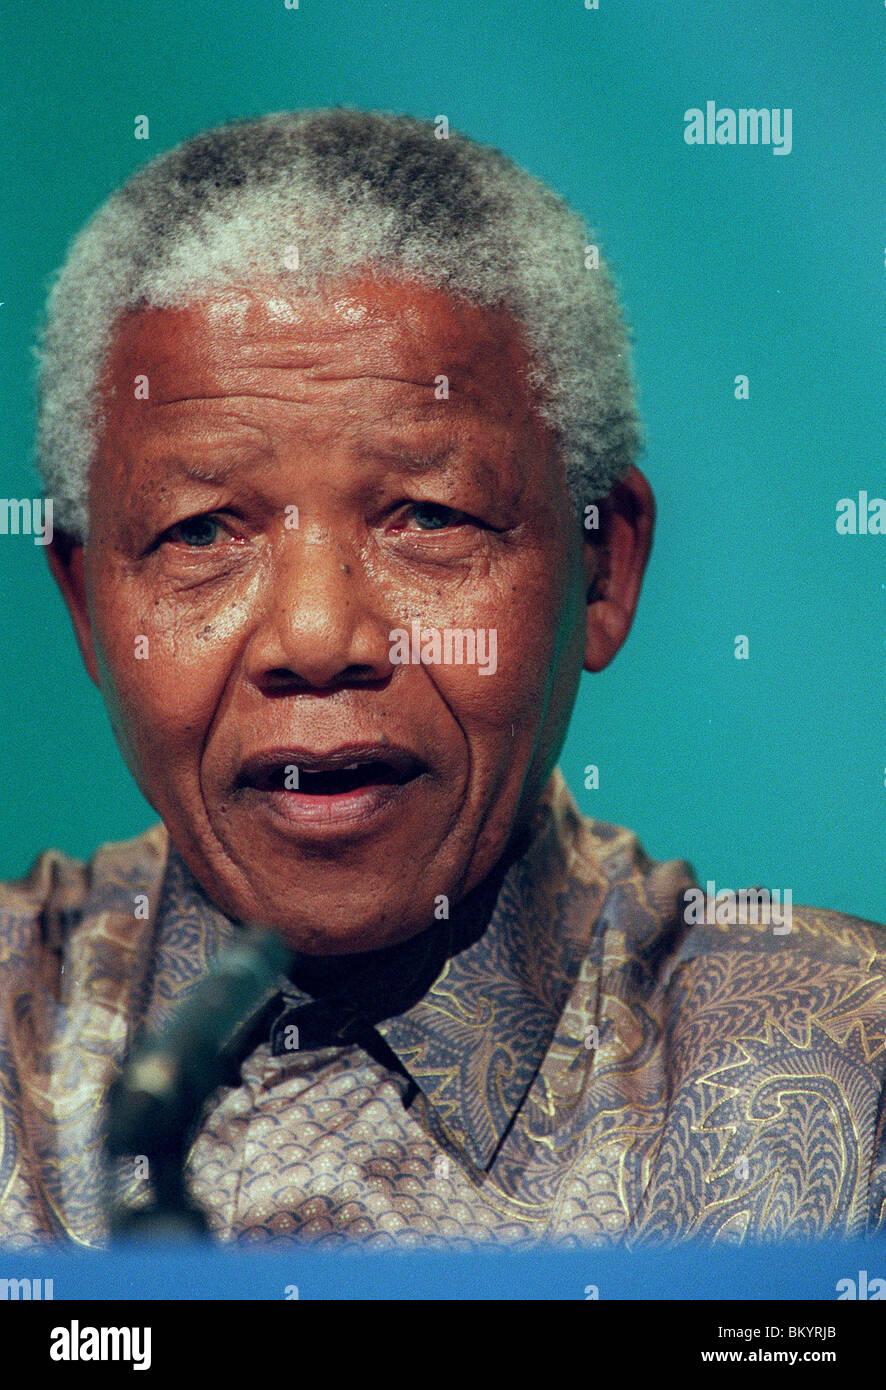 NELSON MANDELA PRESIDENT OF SOUTH AFRICA 17 December 1997 - Stock Image